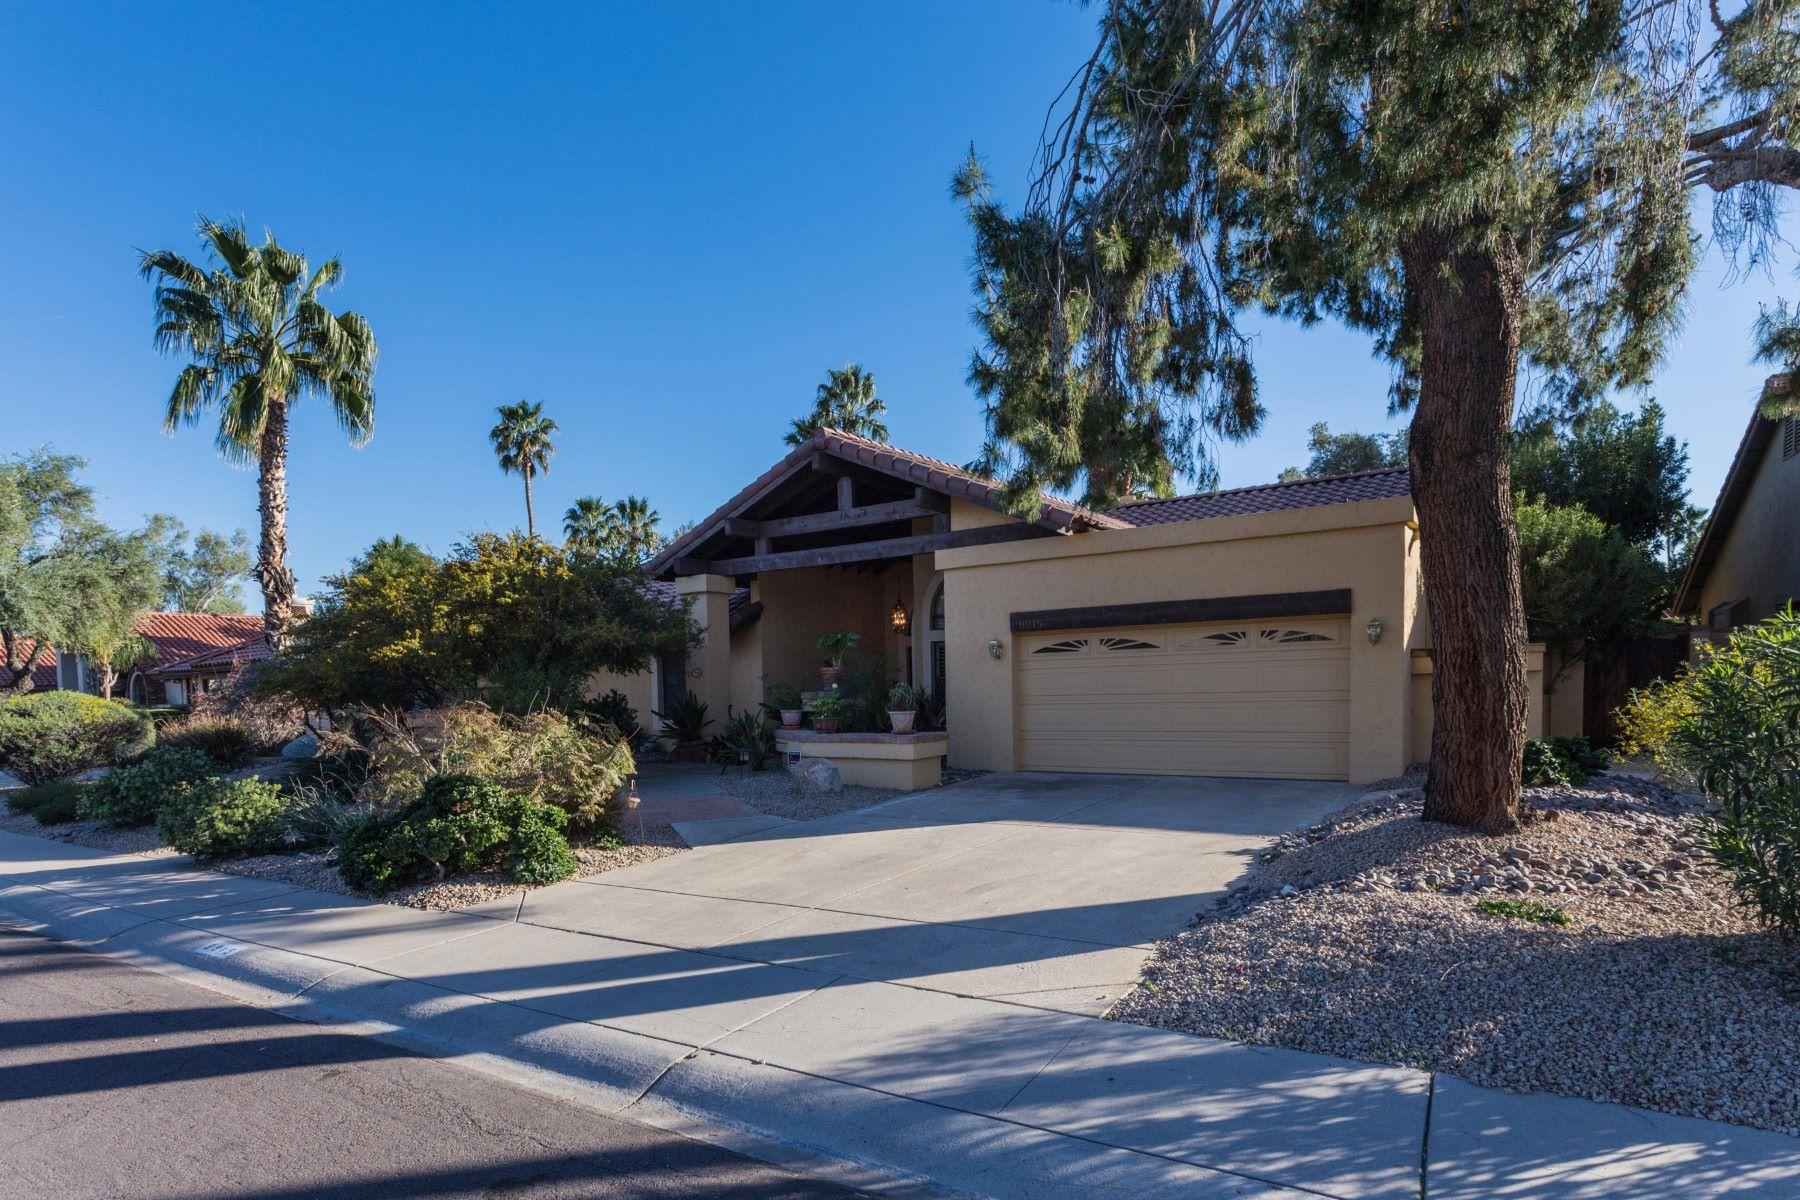 단독 가정 주택 용 매매 에 Charming Scottsdale Ranch home 9915 E Cinnabar Ave Scottsdale, 아리조나, 85258 미국